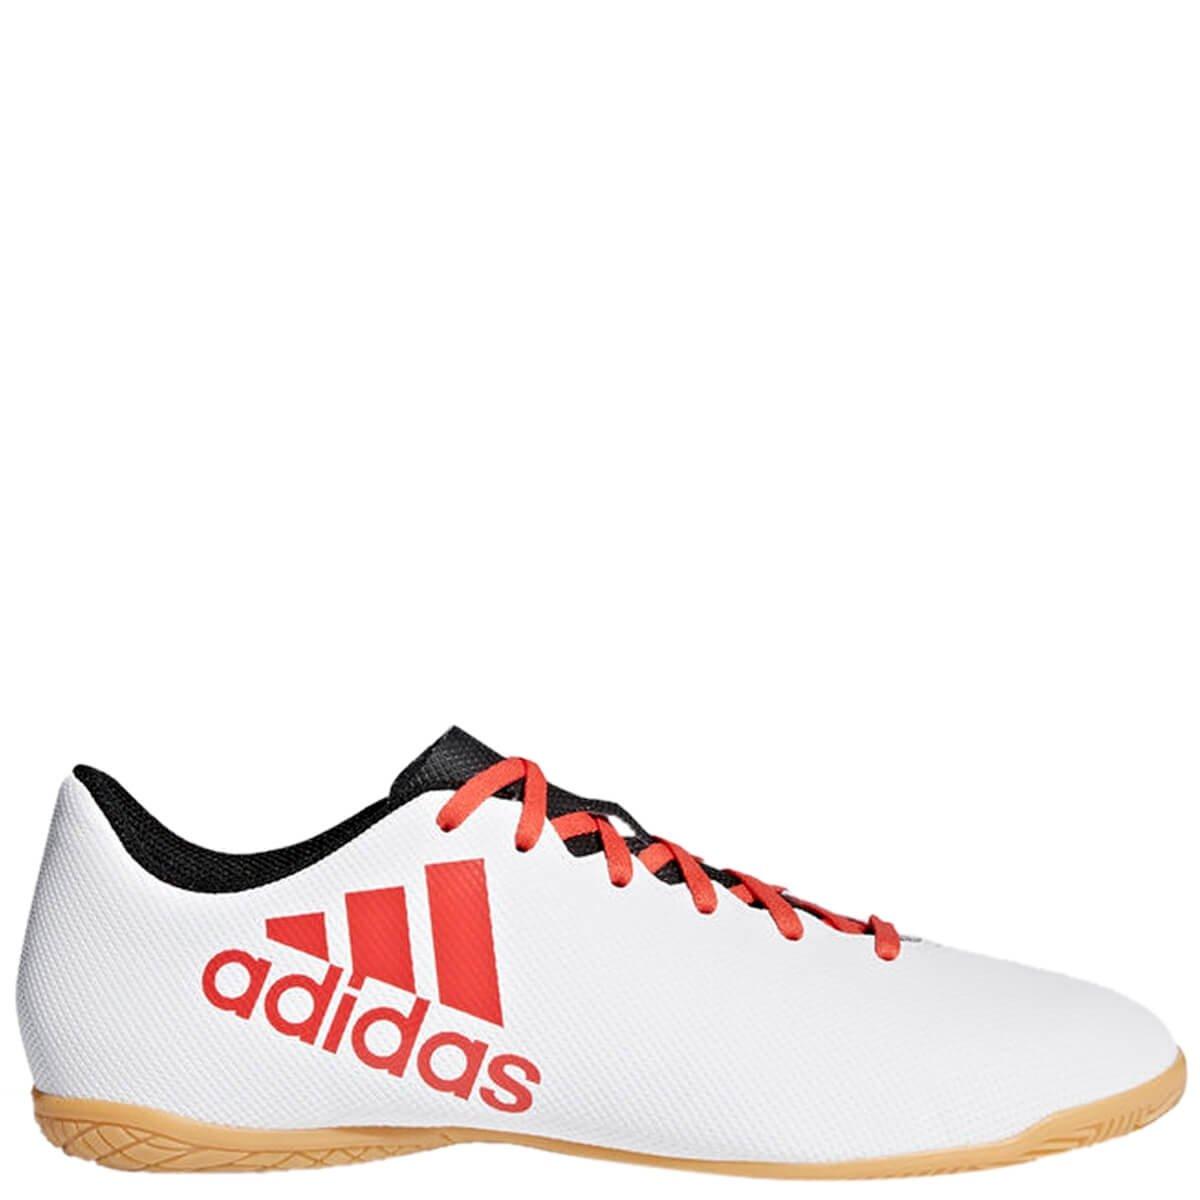 0f06e8f02f9 Bizz Store - Chuteira Masculina Futsal Adidas Tango X 17.4